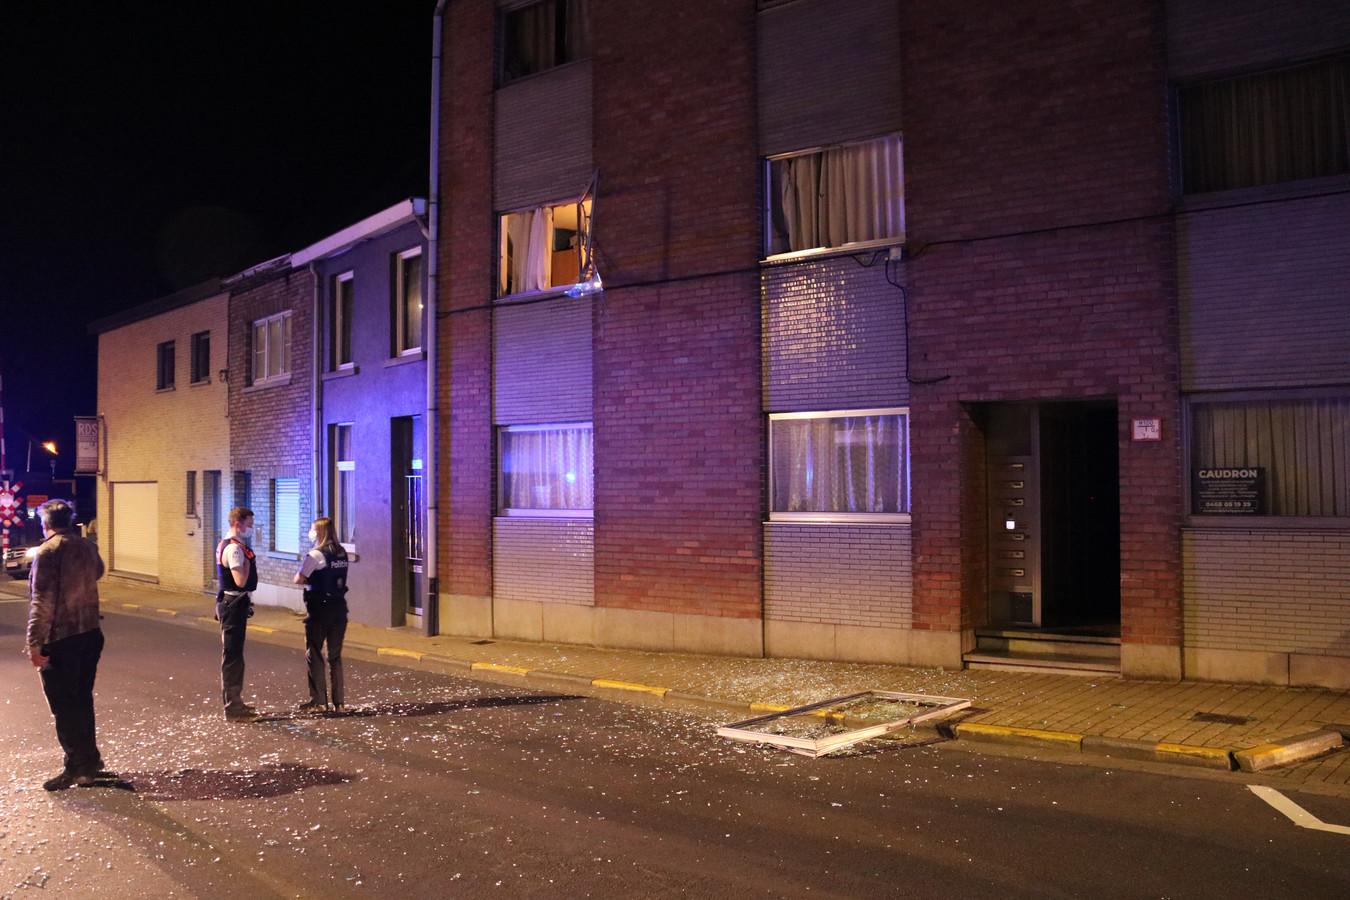 De ramen kwamen op straat terecht na de explosie.